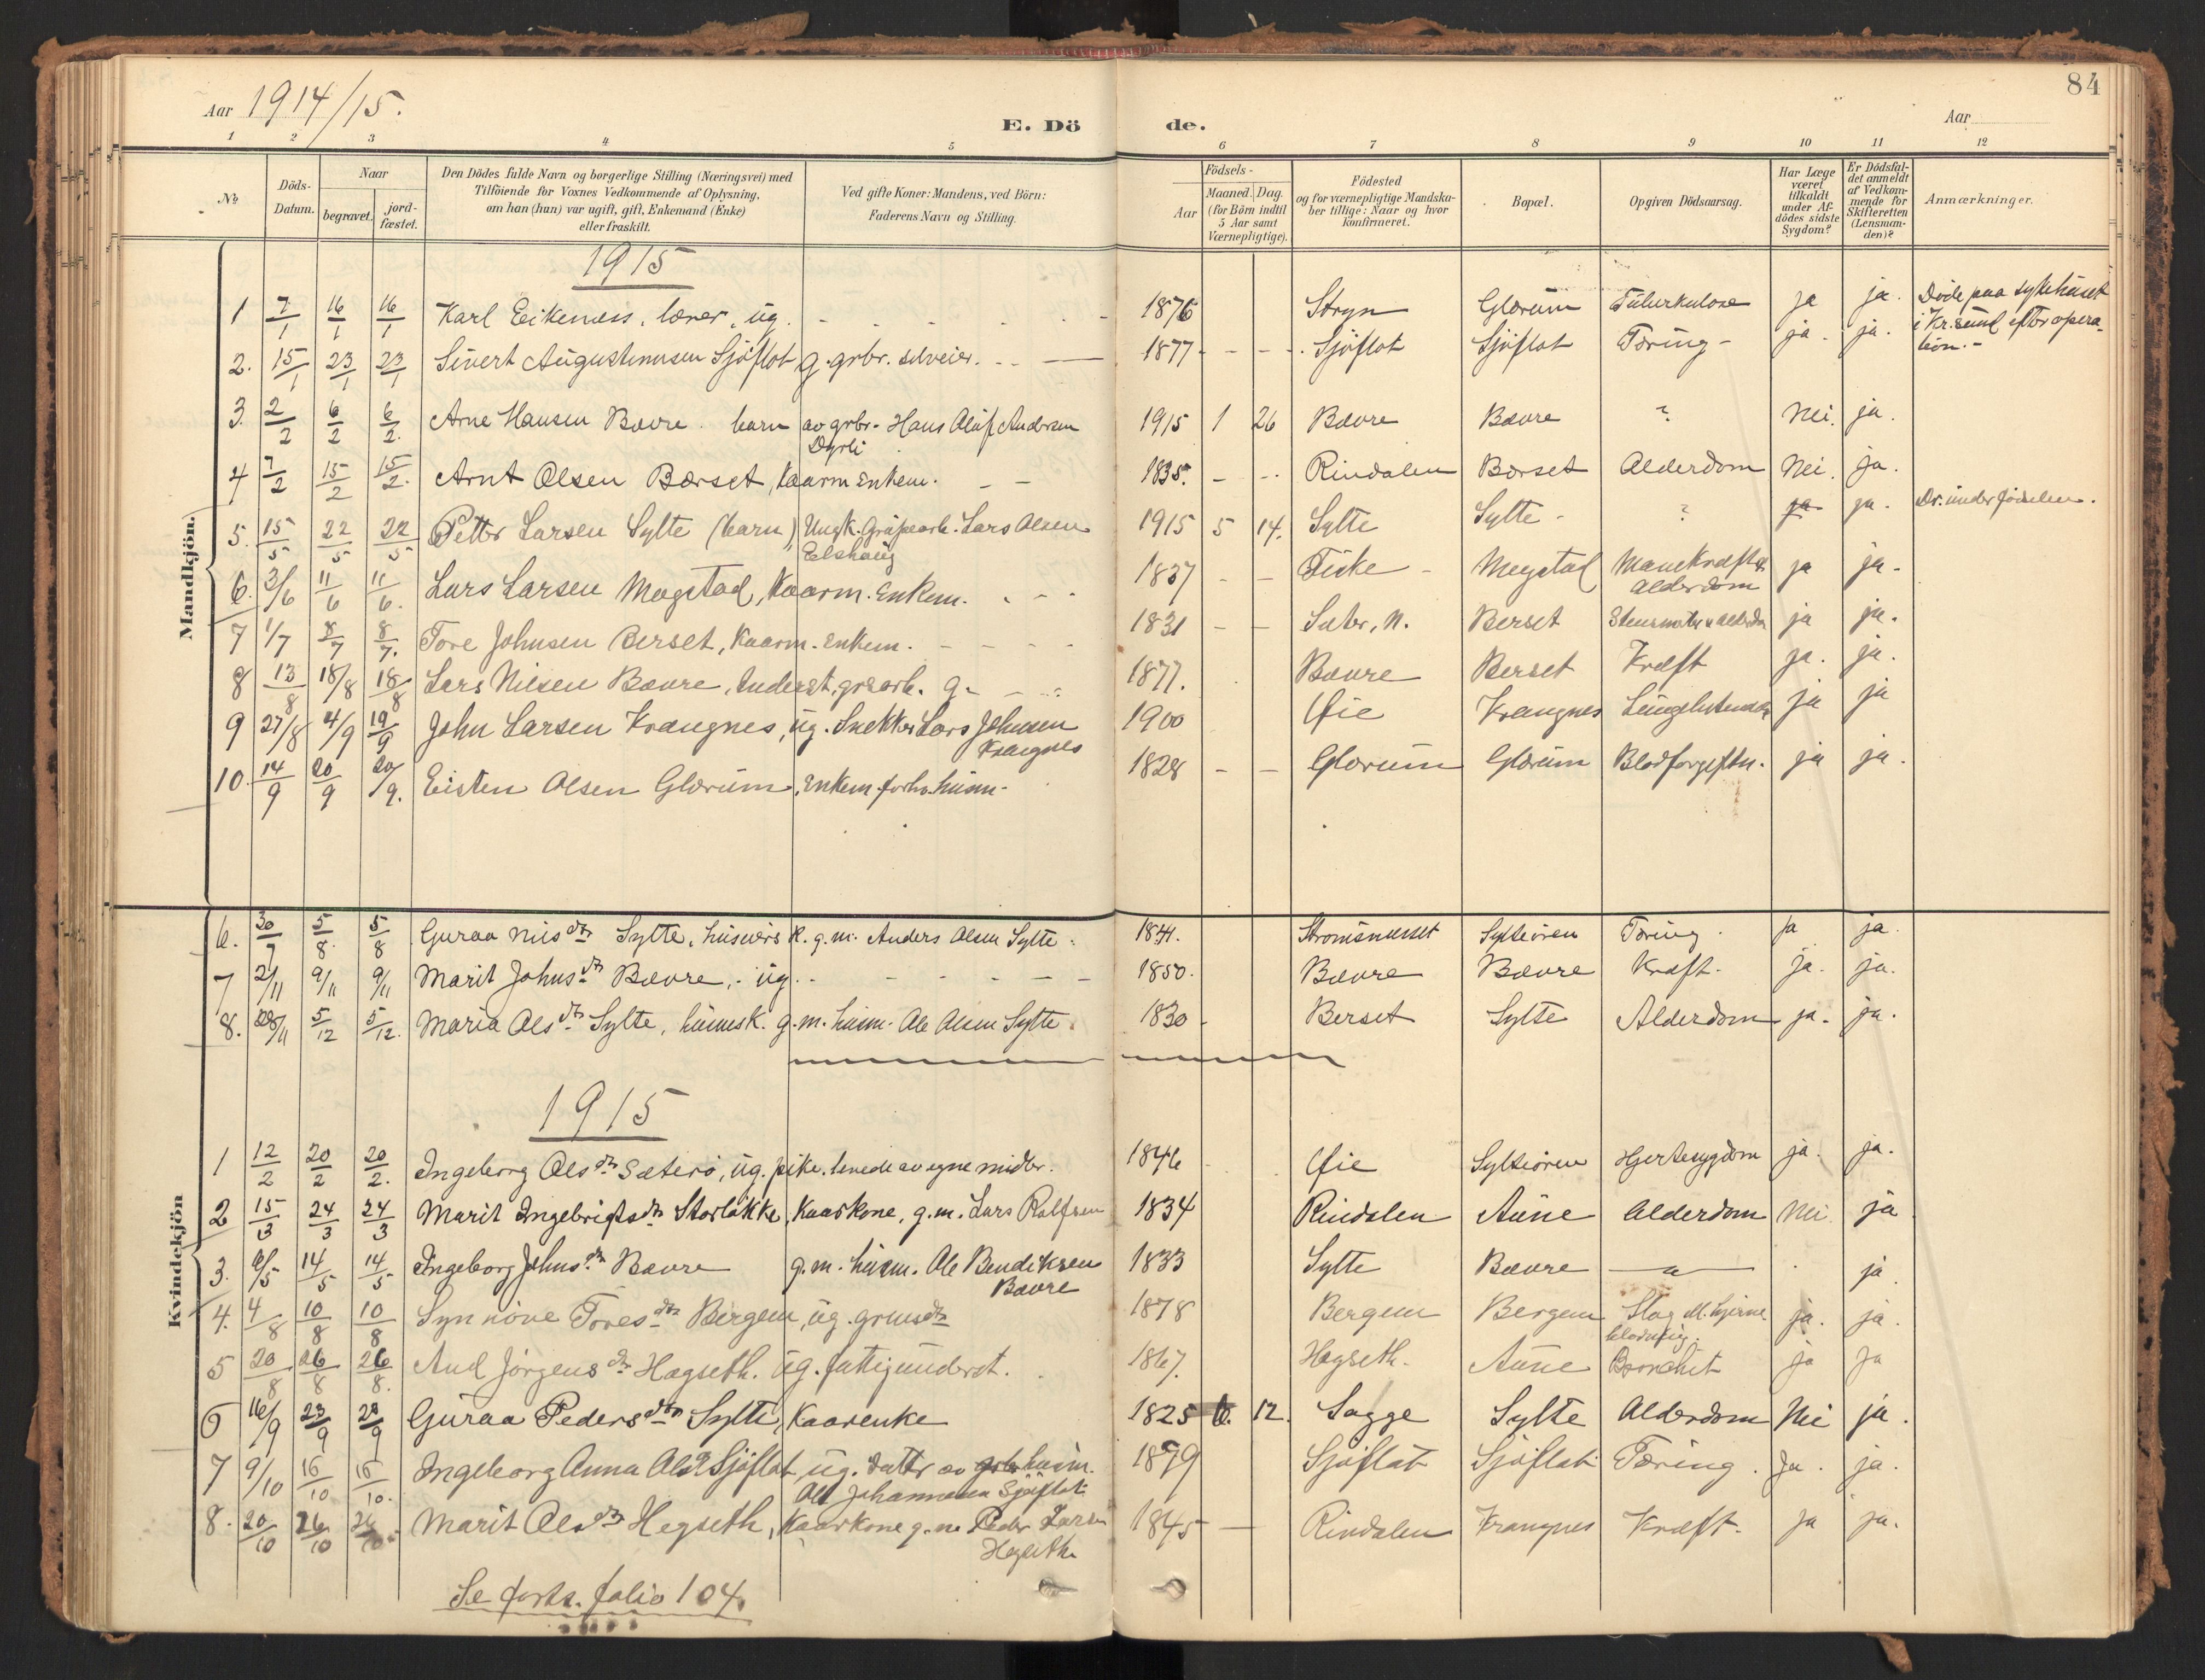 SAT, Ministerialprotokoller, klokkerbøker og fødselsregistre - Møre og Romsdal, 595/L1048: Ministerialbok nr. 595A10, 1900-1917, s. 84